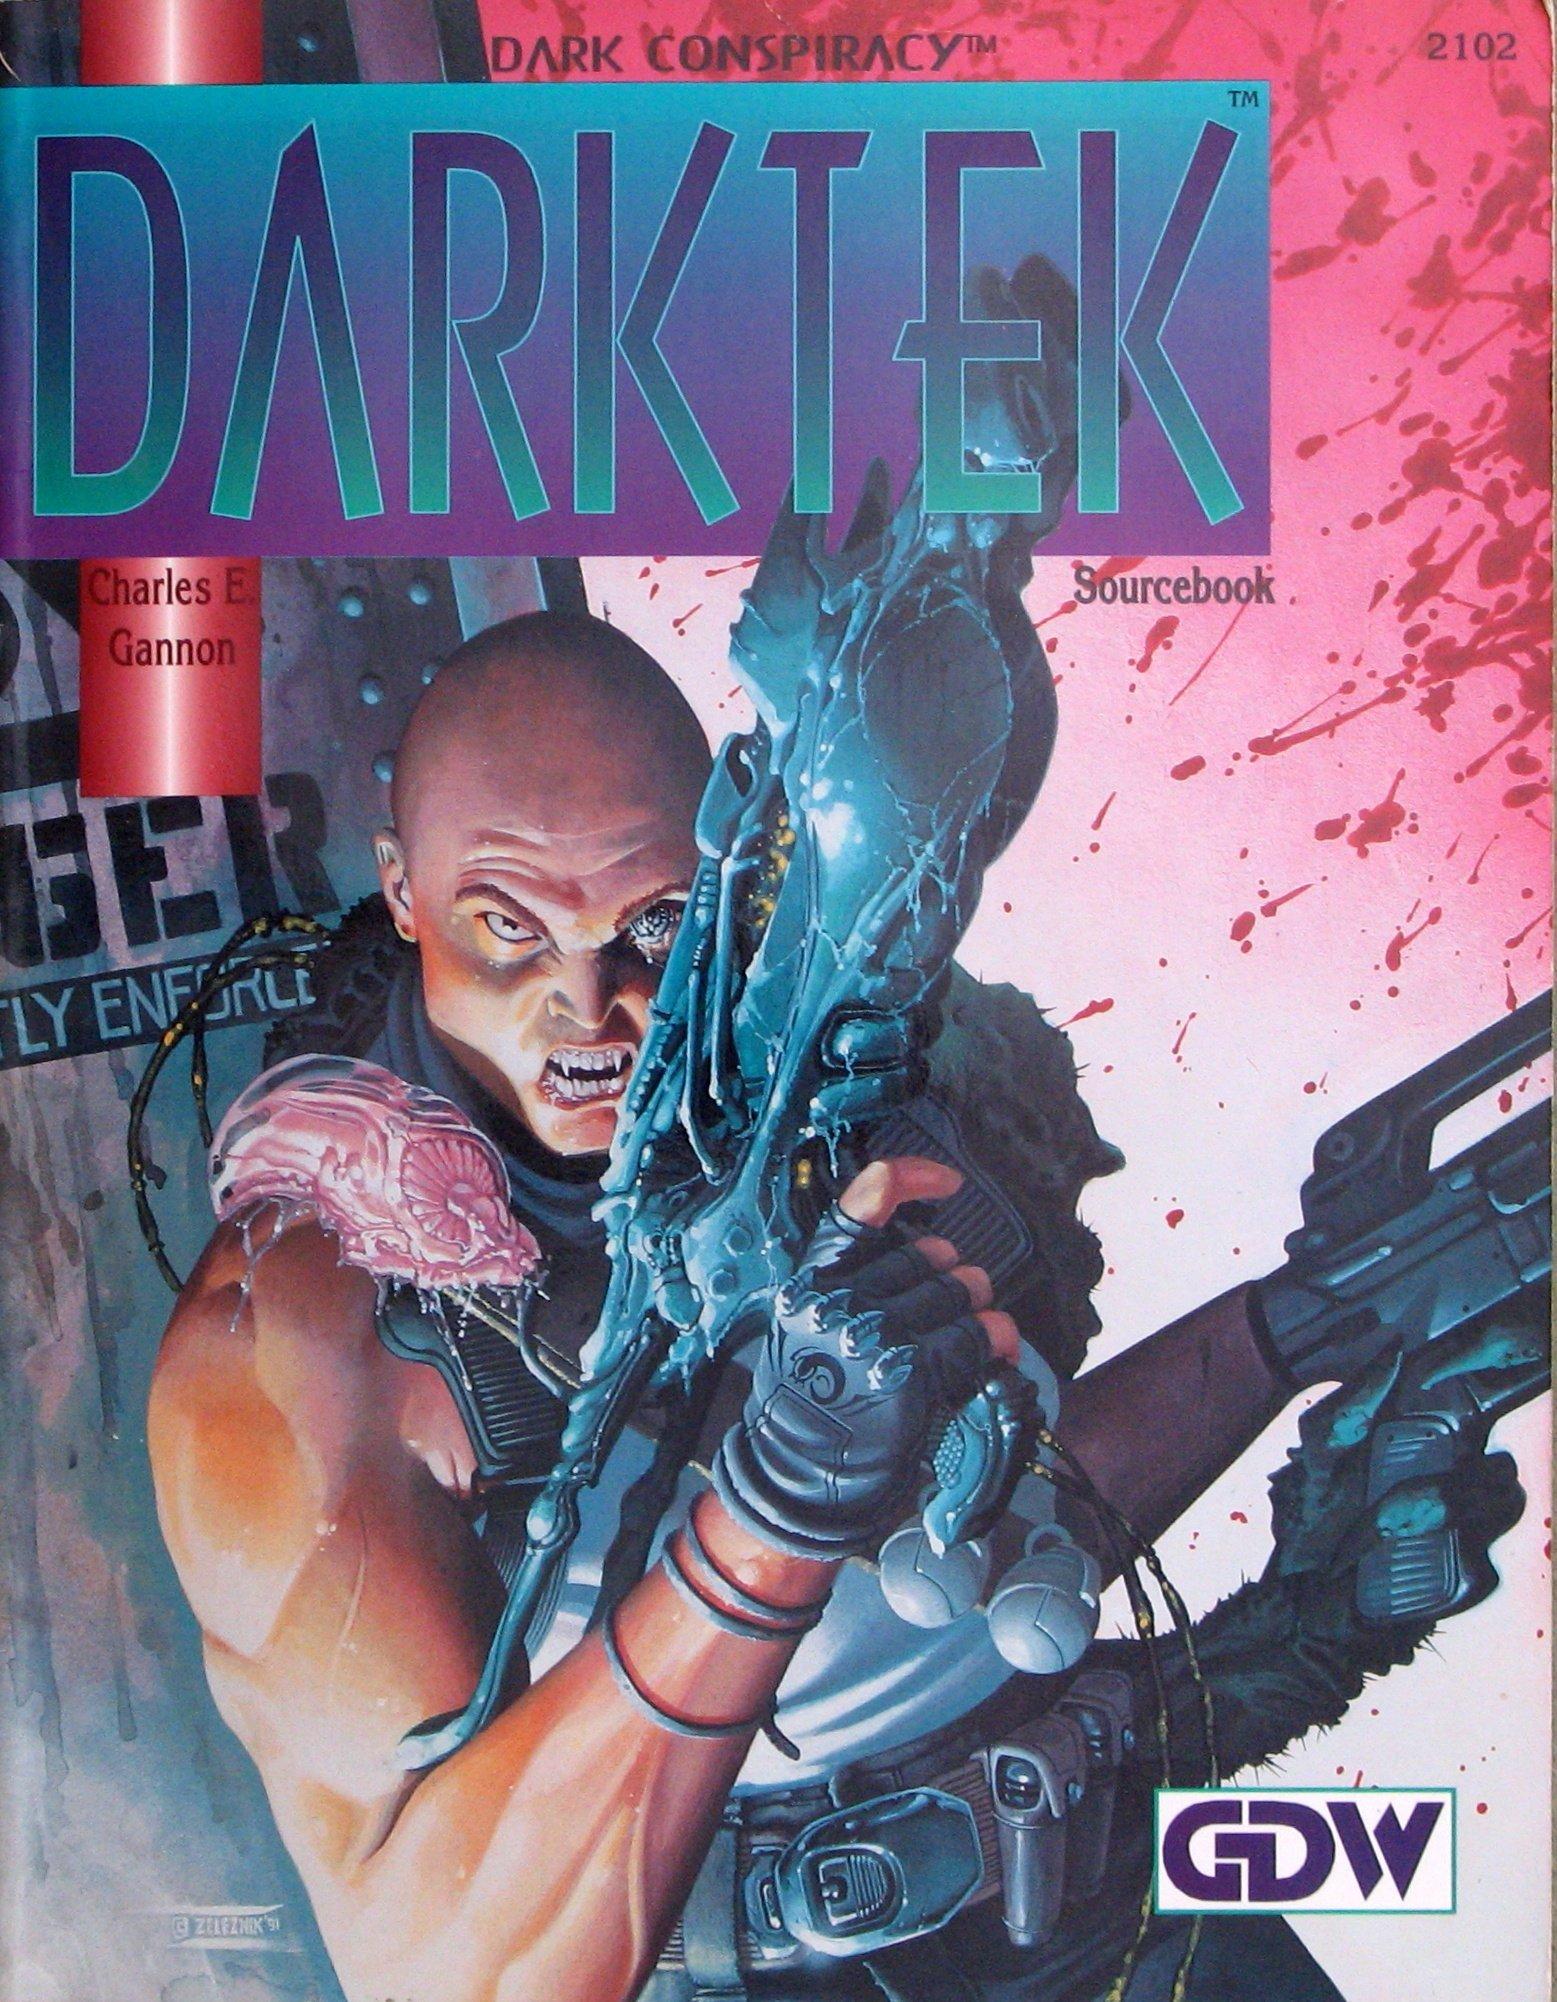 Darktek Sourcebook Charles E. Gannon